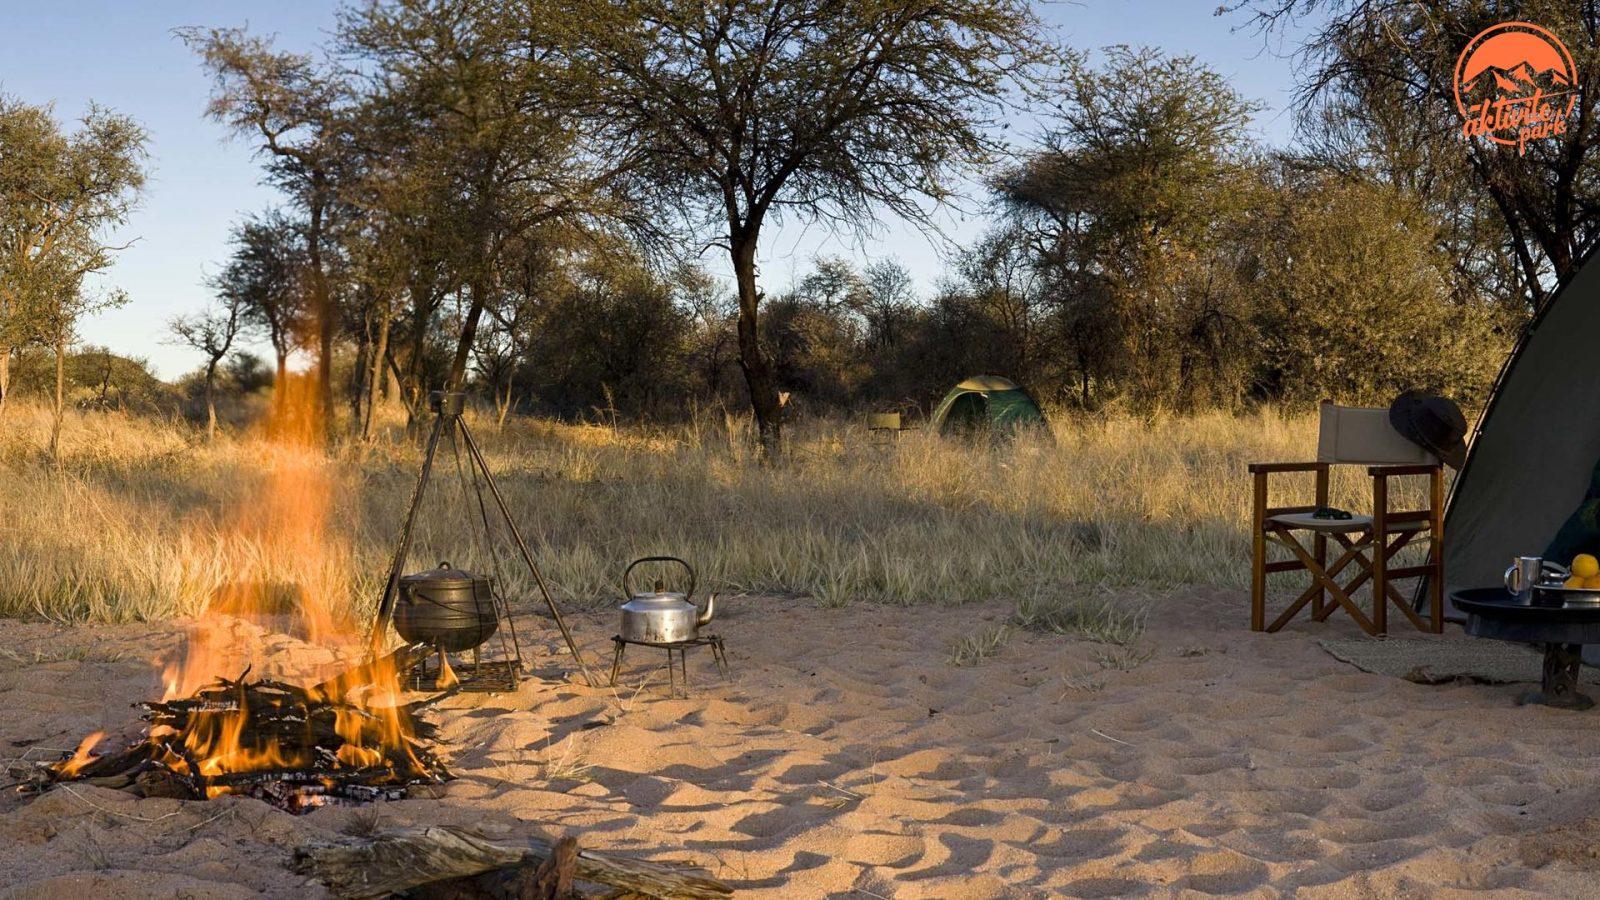 Aksaray Camping